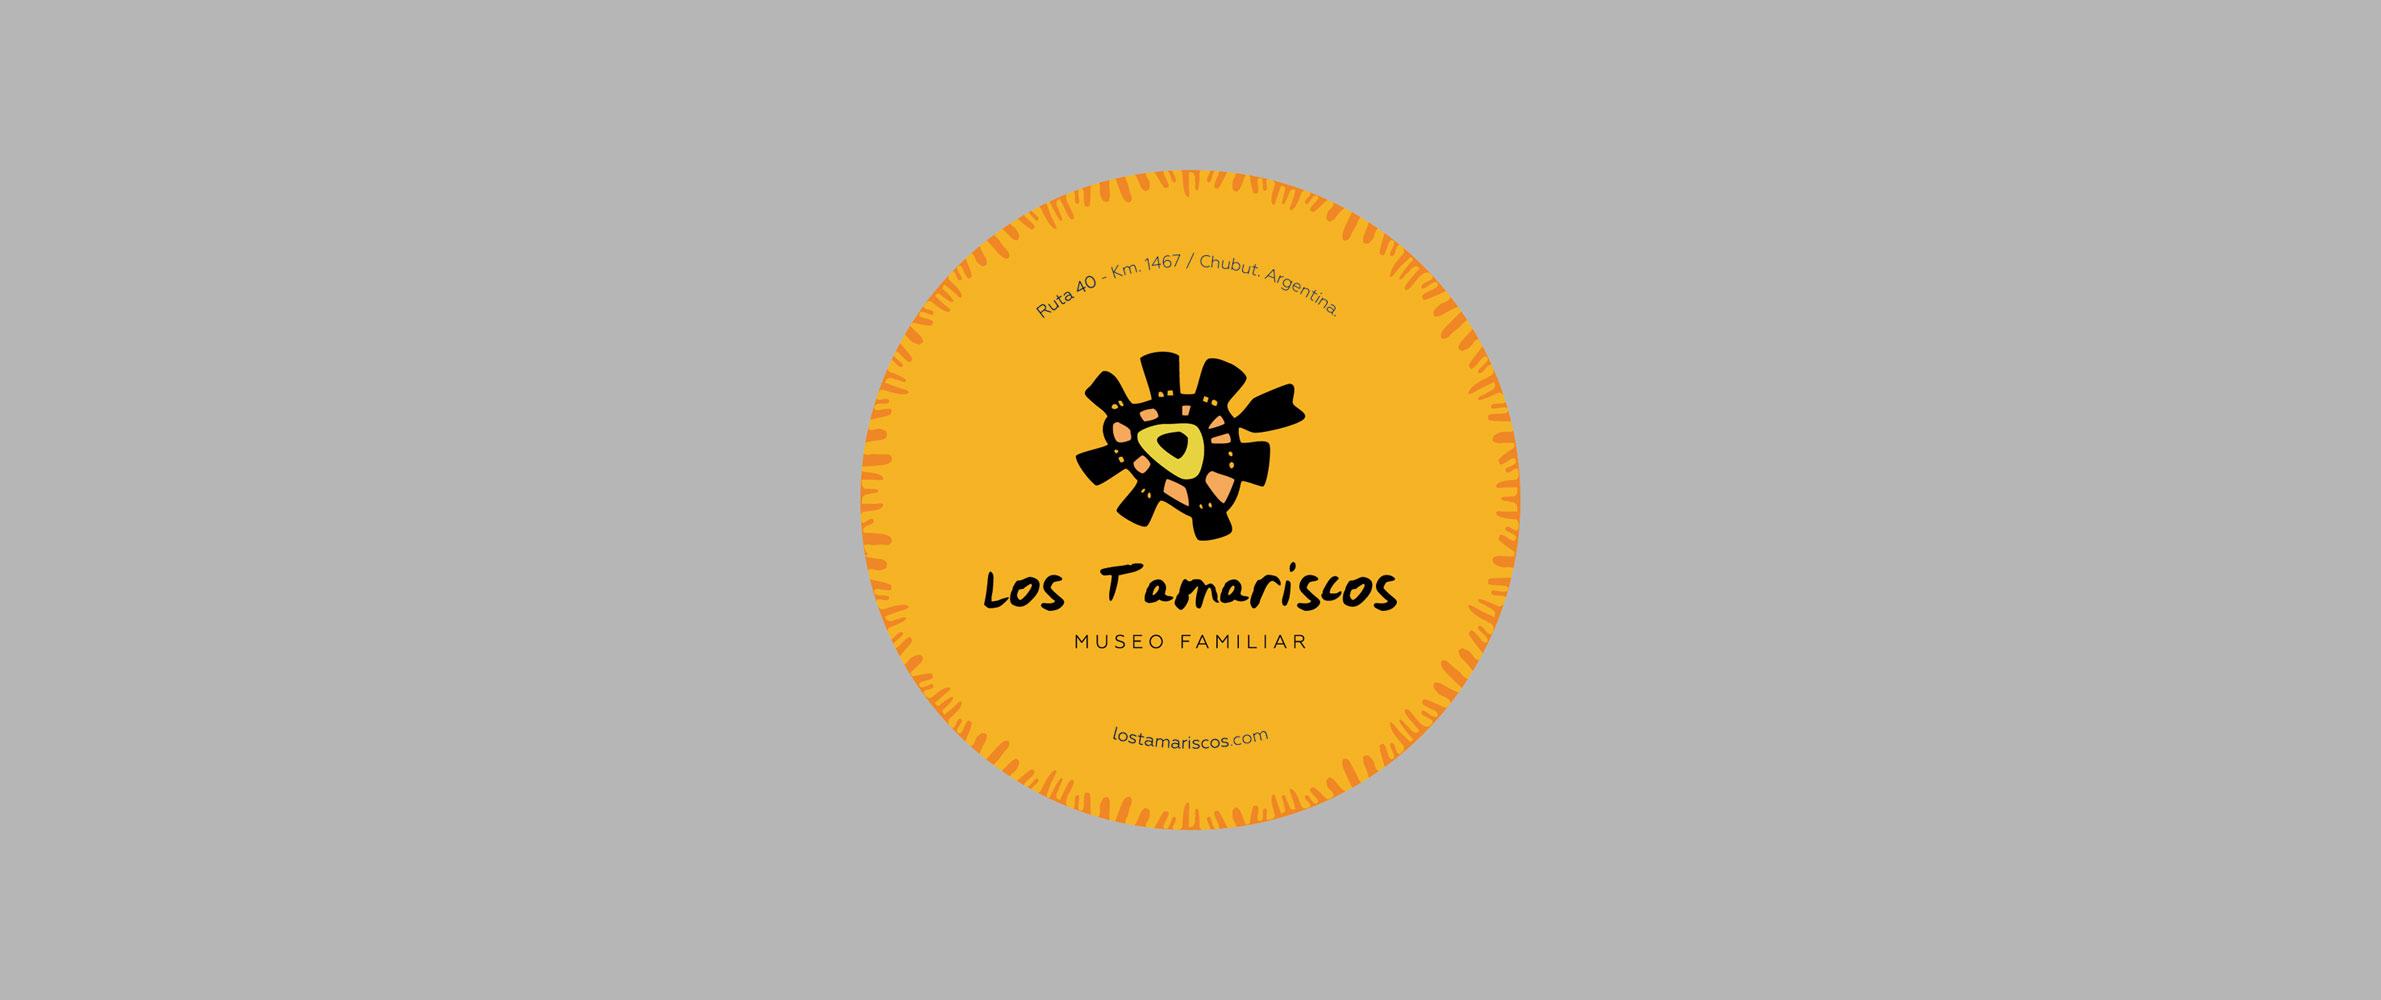 Stickers / Calcos